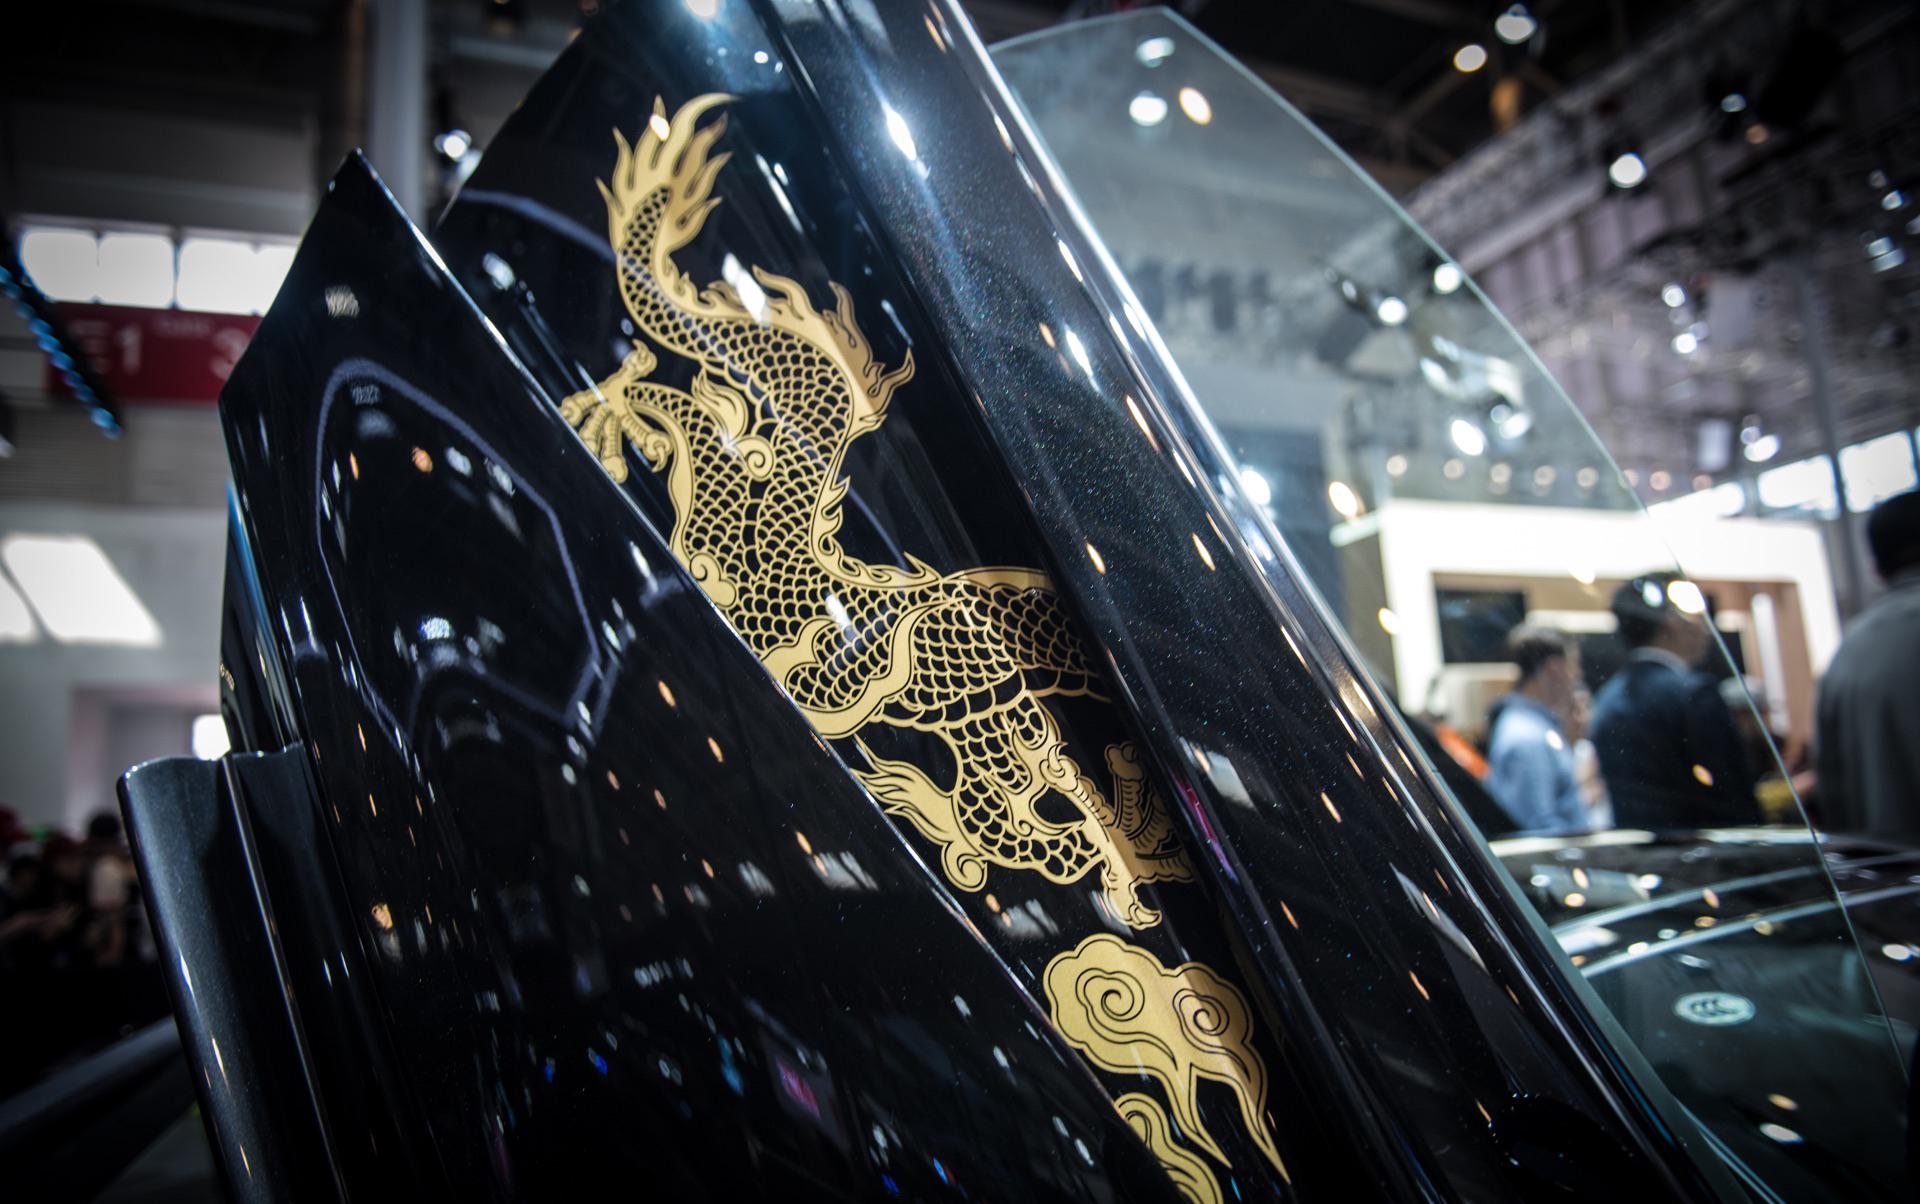 Тем не менее, впервые британский производитель объединился с китайским дизайнером для разработки пяти специальных макетов McLaren 570GT. Коллекция McLaren 570GT Cabbeen Collection окрашен в цвет MSO Obsidian Black и имеет невероятную золотую роспись.